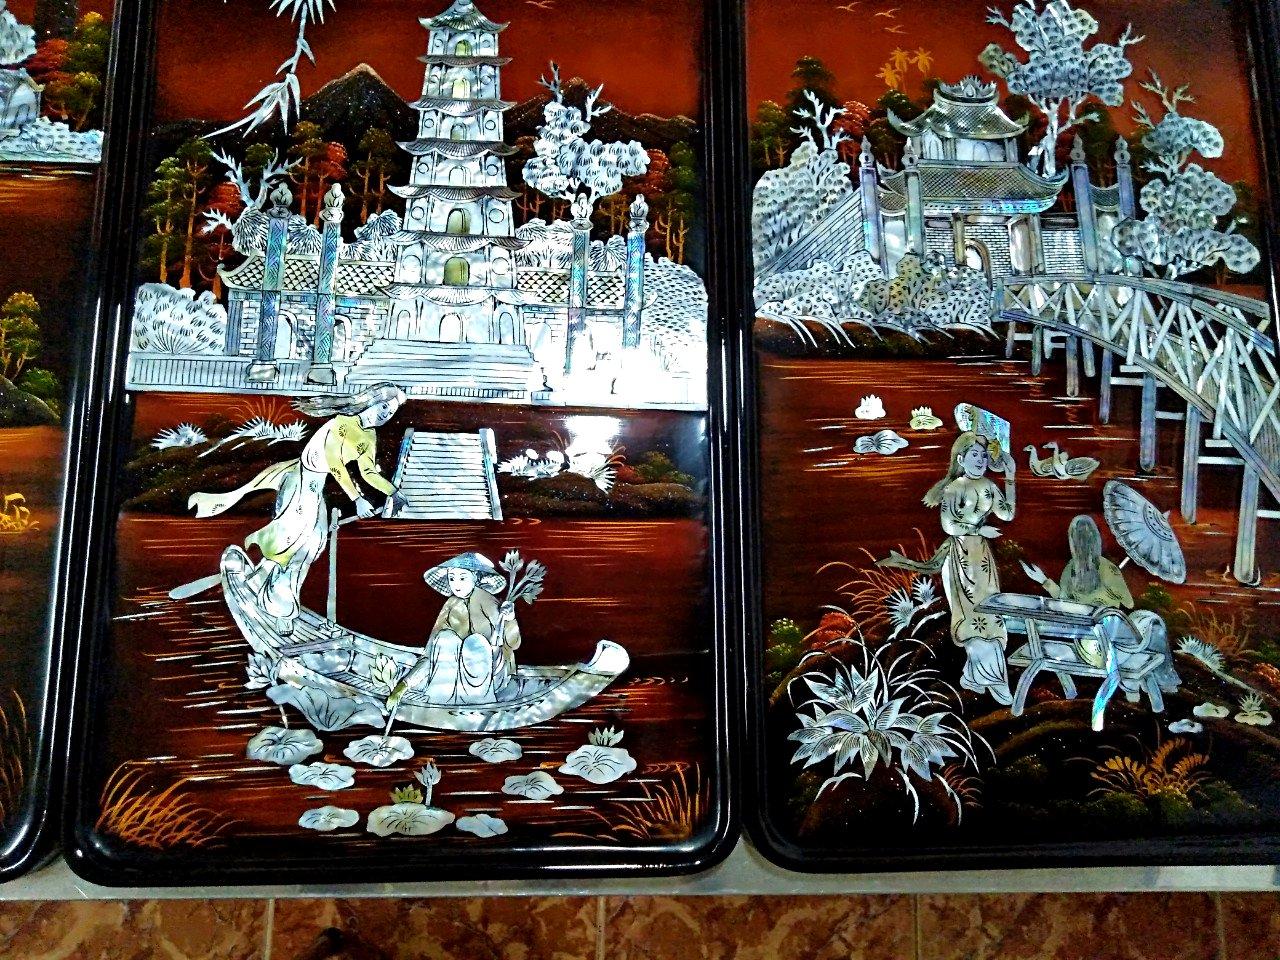 Tranh soen mài cao cấp - Tranh Sơn mài Tứ Đền TD02 - SALE OFF - Malanaz Shopping - Giá tốt nhất